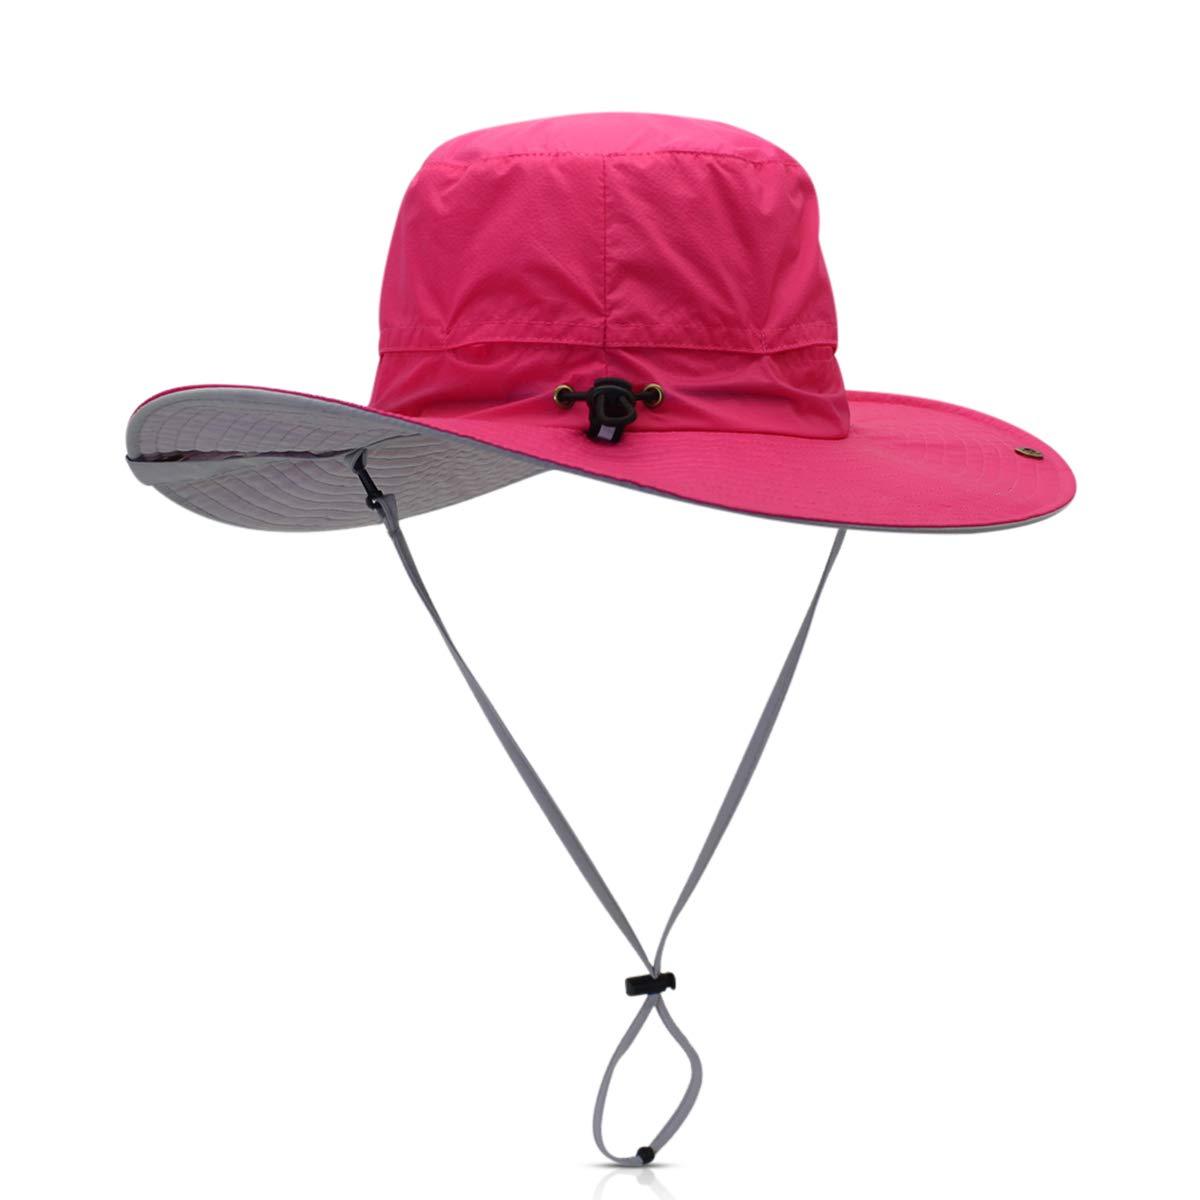 DORRISO Pliable Chapeau Soleil Jungle Vacances Alpinisme Camping Outdoor /Étanche Voyage Safari Casquette Homme Femme Bucket Hat Ajustable 56-62CM